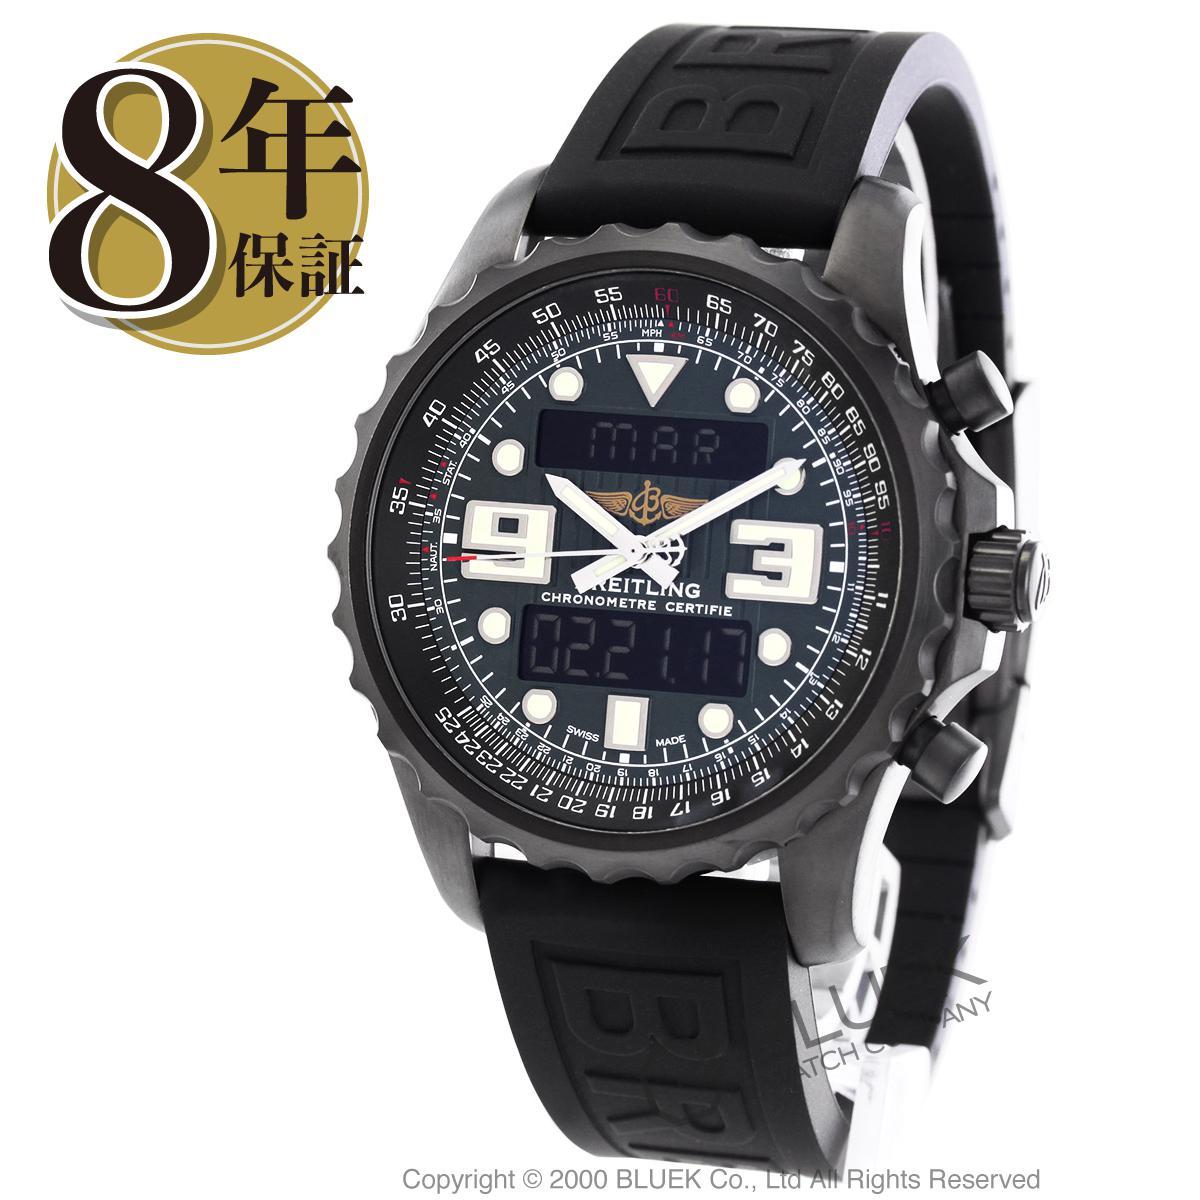 【エントリーでポイント3倍】ブライトリング BREITLING 腕時計 プロフェッショナル クロノスペース 世界限定1000本 メンズ M785L21VRB_8